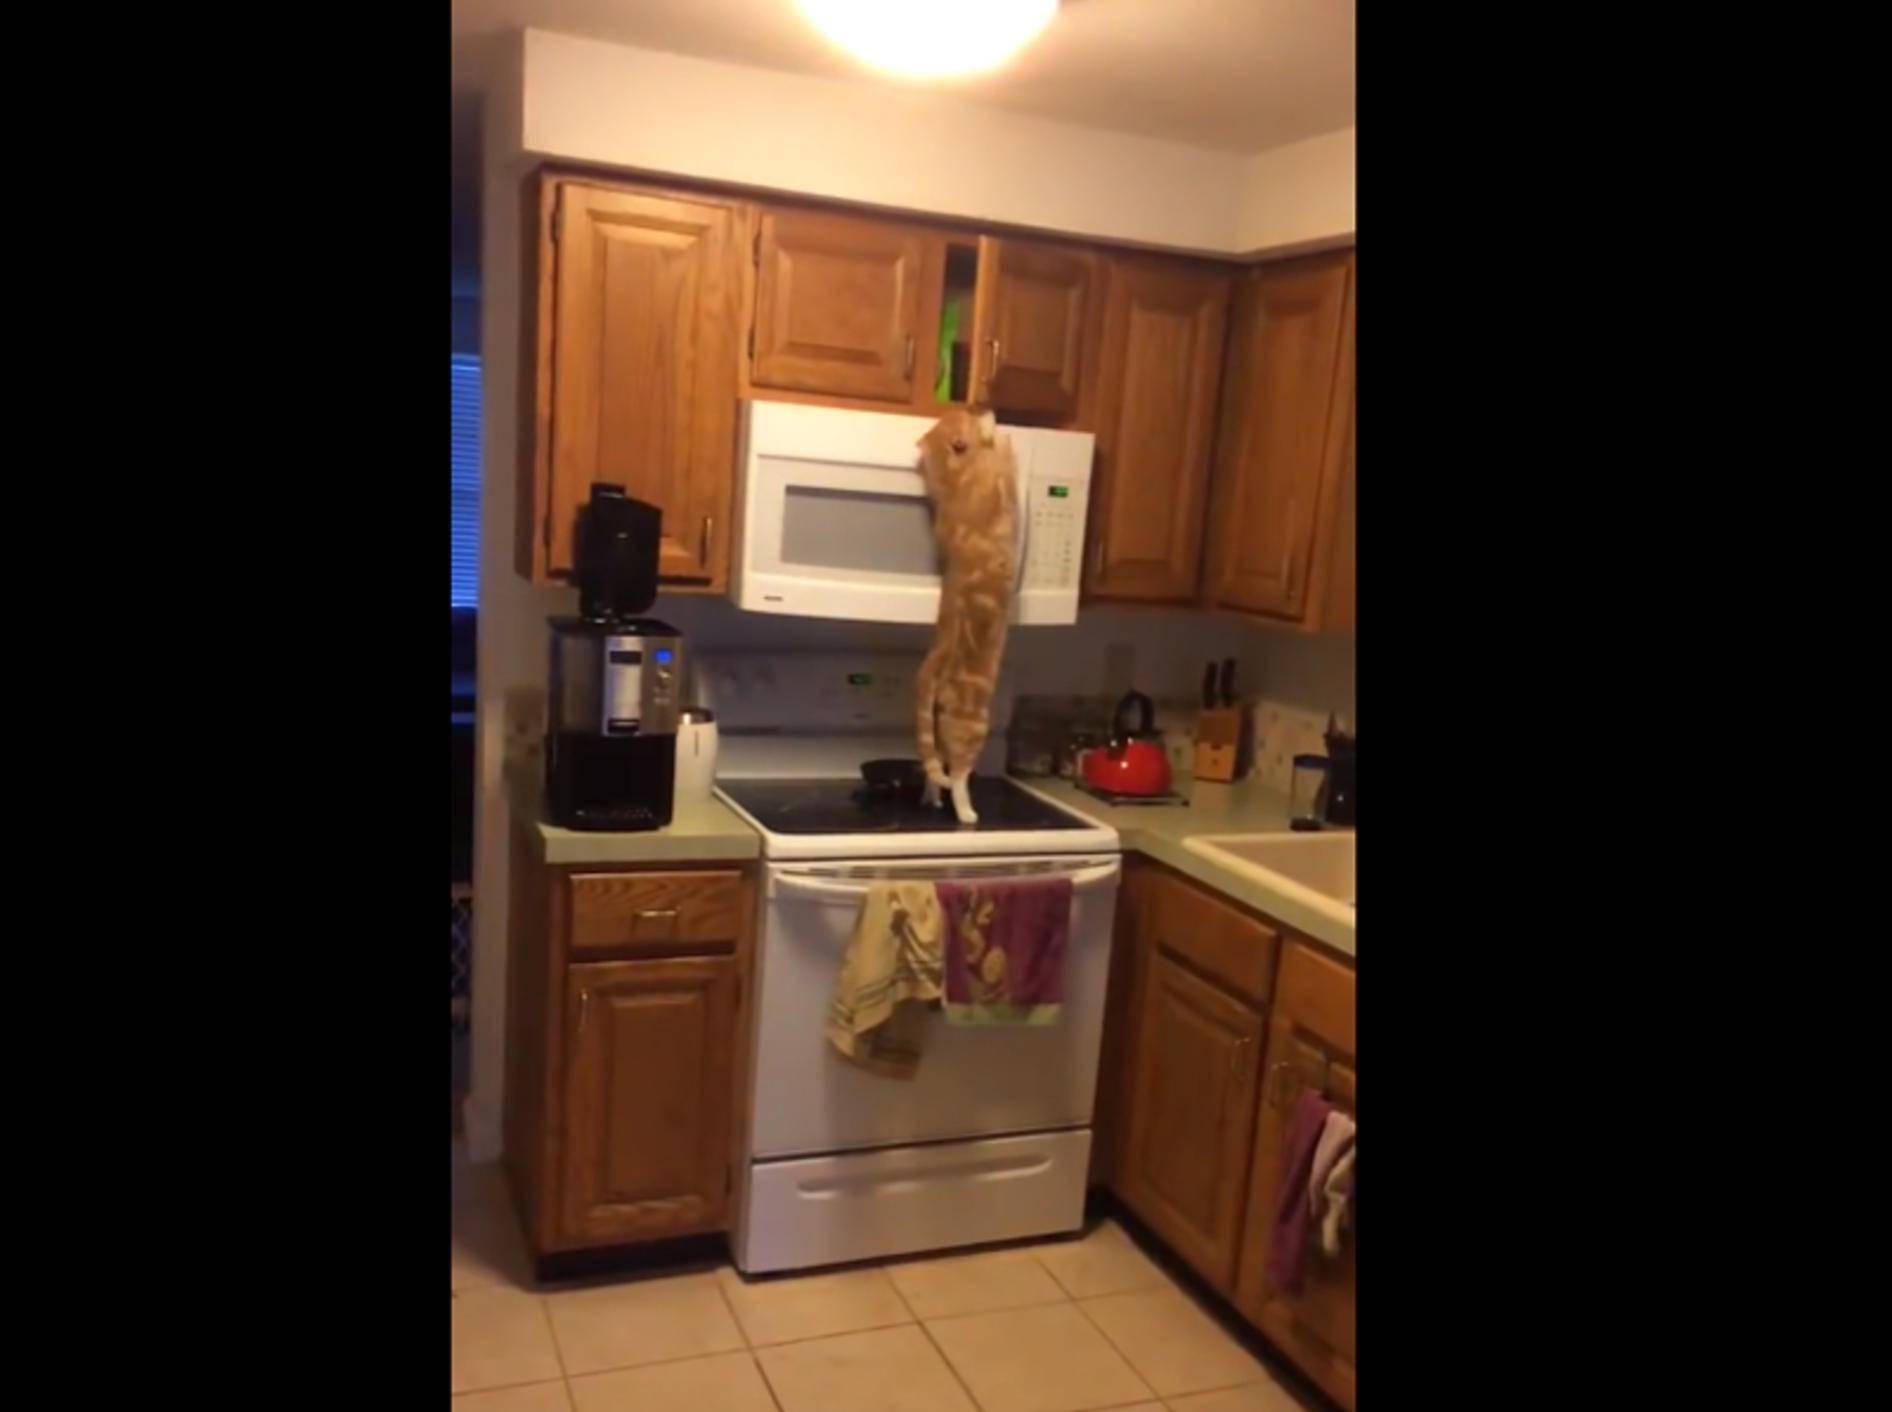 Schlaue Katze weiß, wo die Leckerlis versteckt sind – YouTube / Totally Awesome